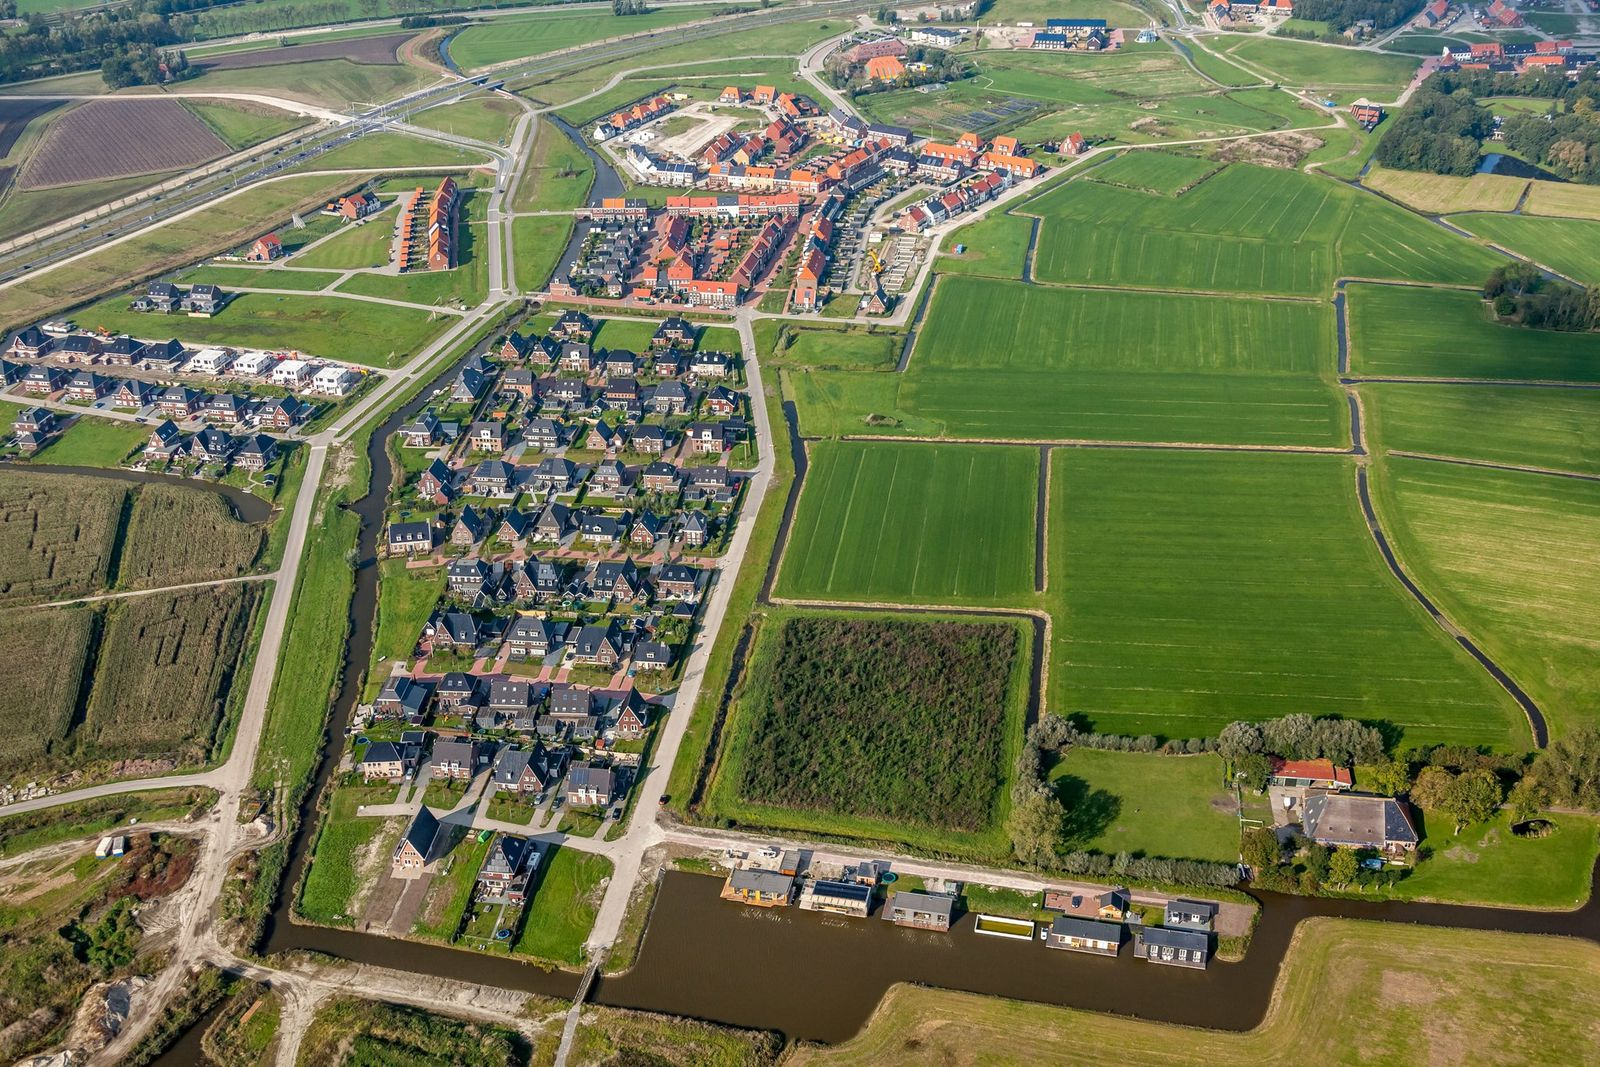 Hameie 0-ong, Leeuwarden